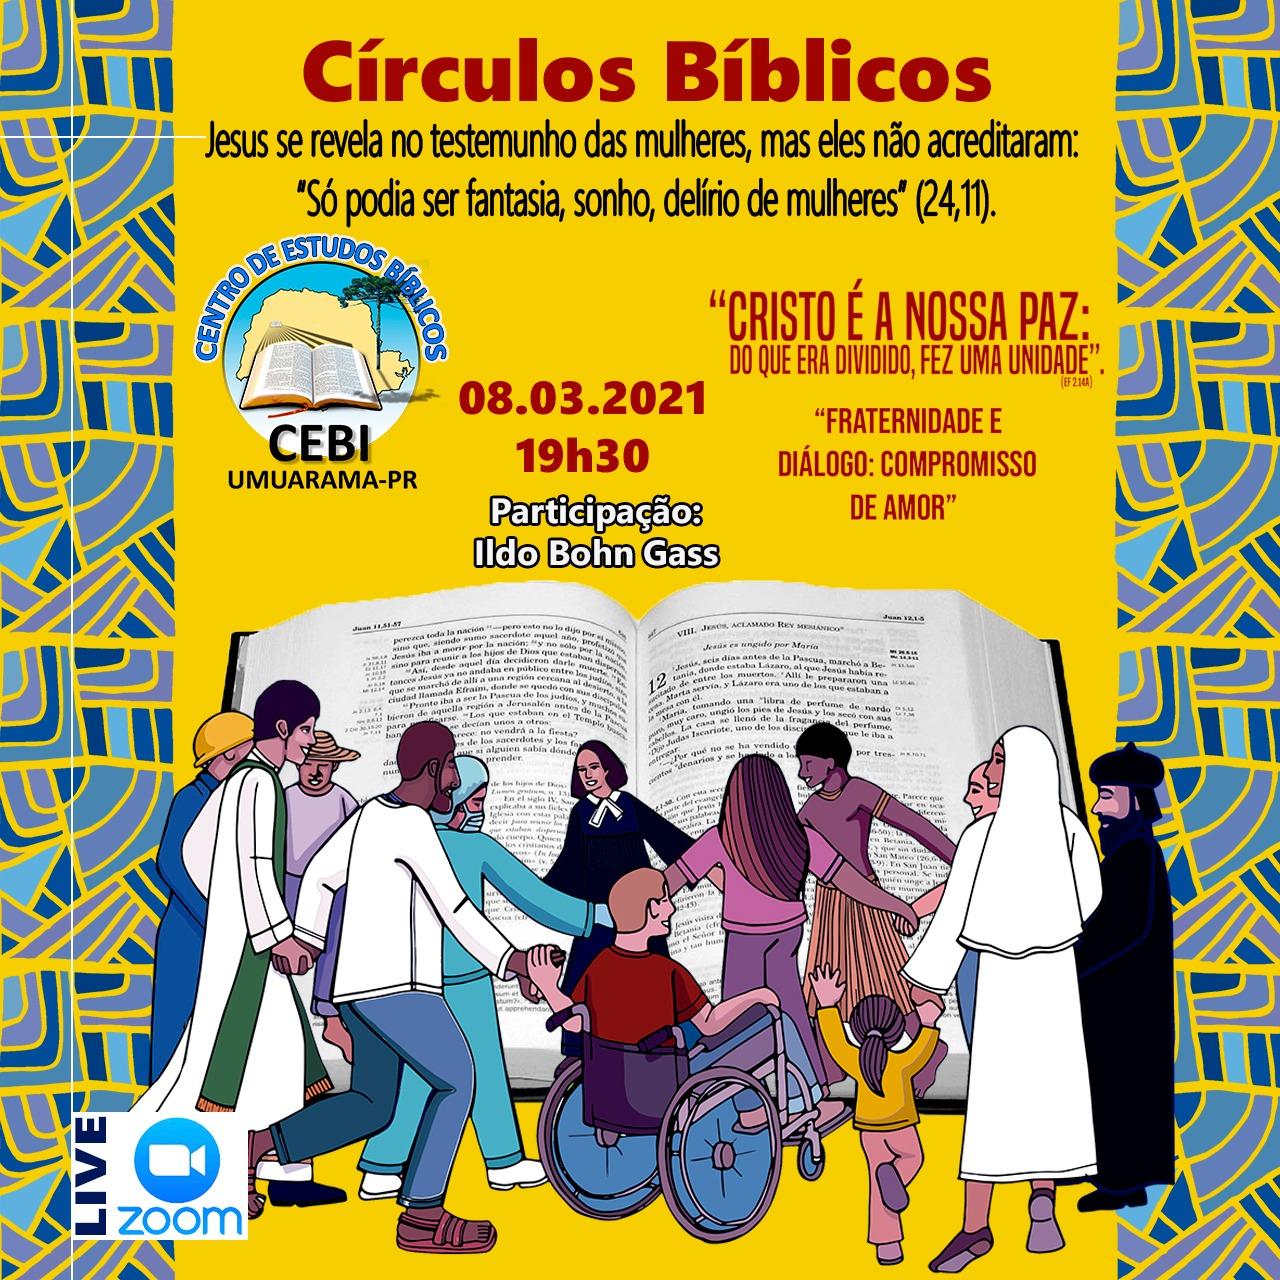 Círculo Bíblico do CEBI Umuarama refletirá sobre a CFE 2021 e o testemunho das mulheres (Lc 24, 11)